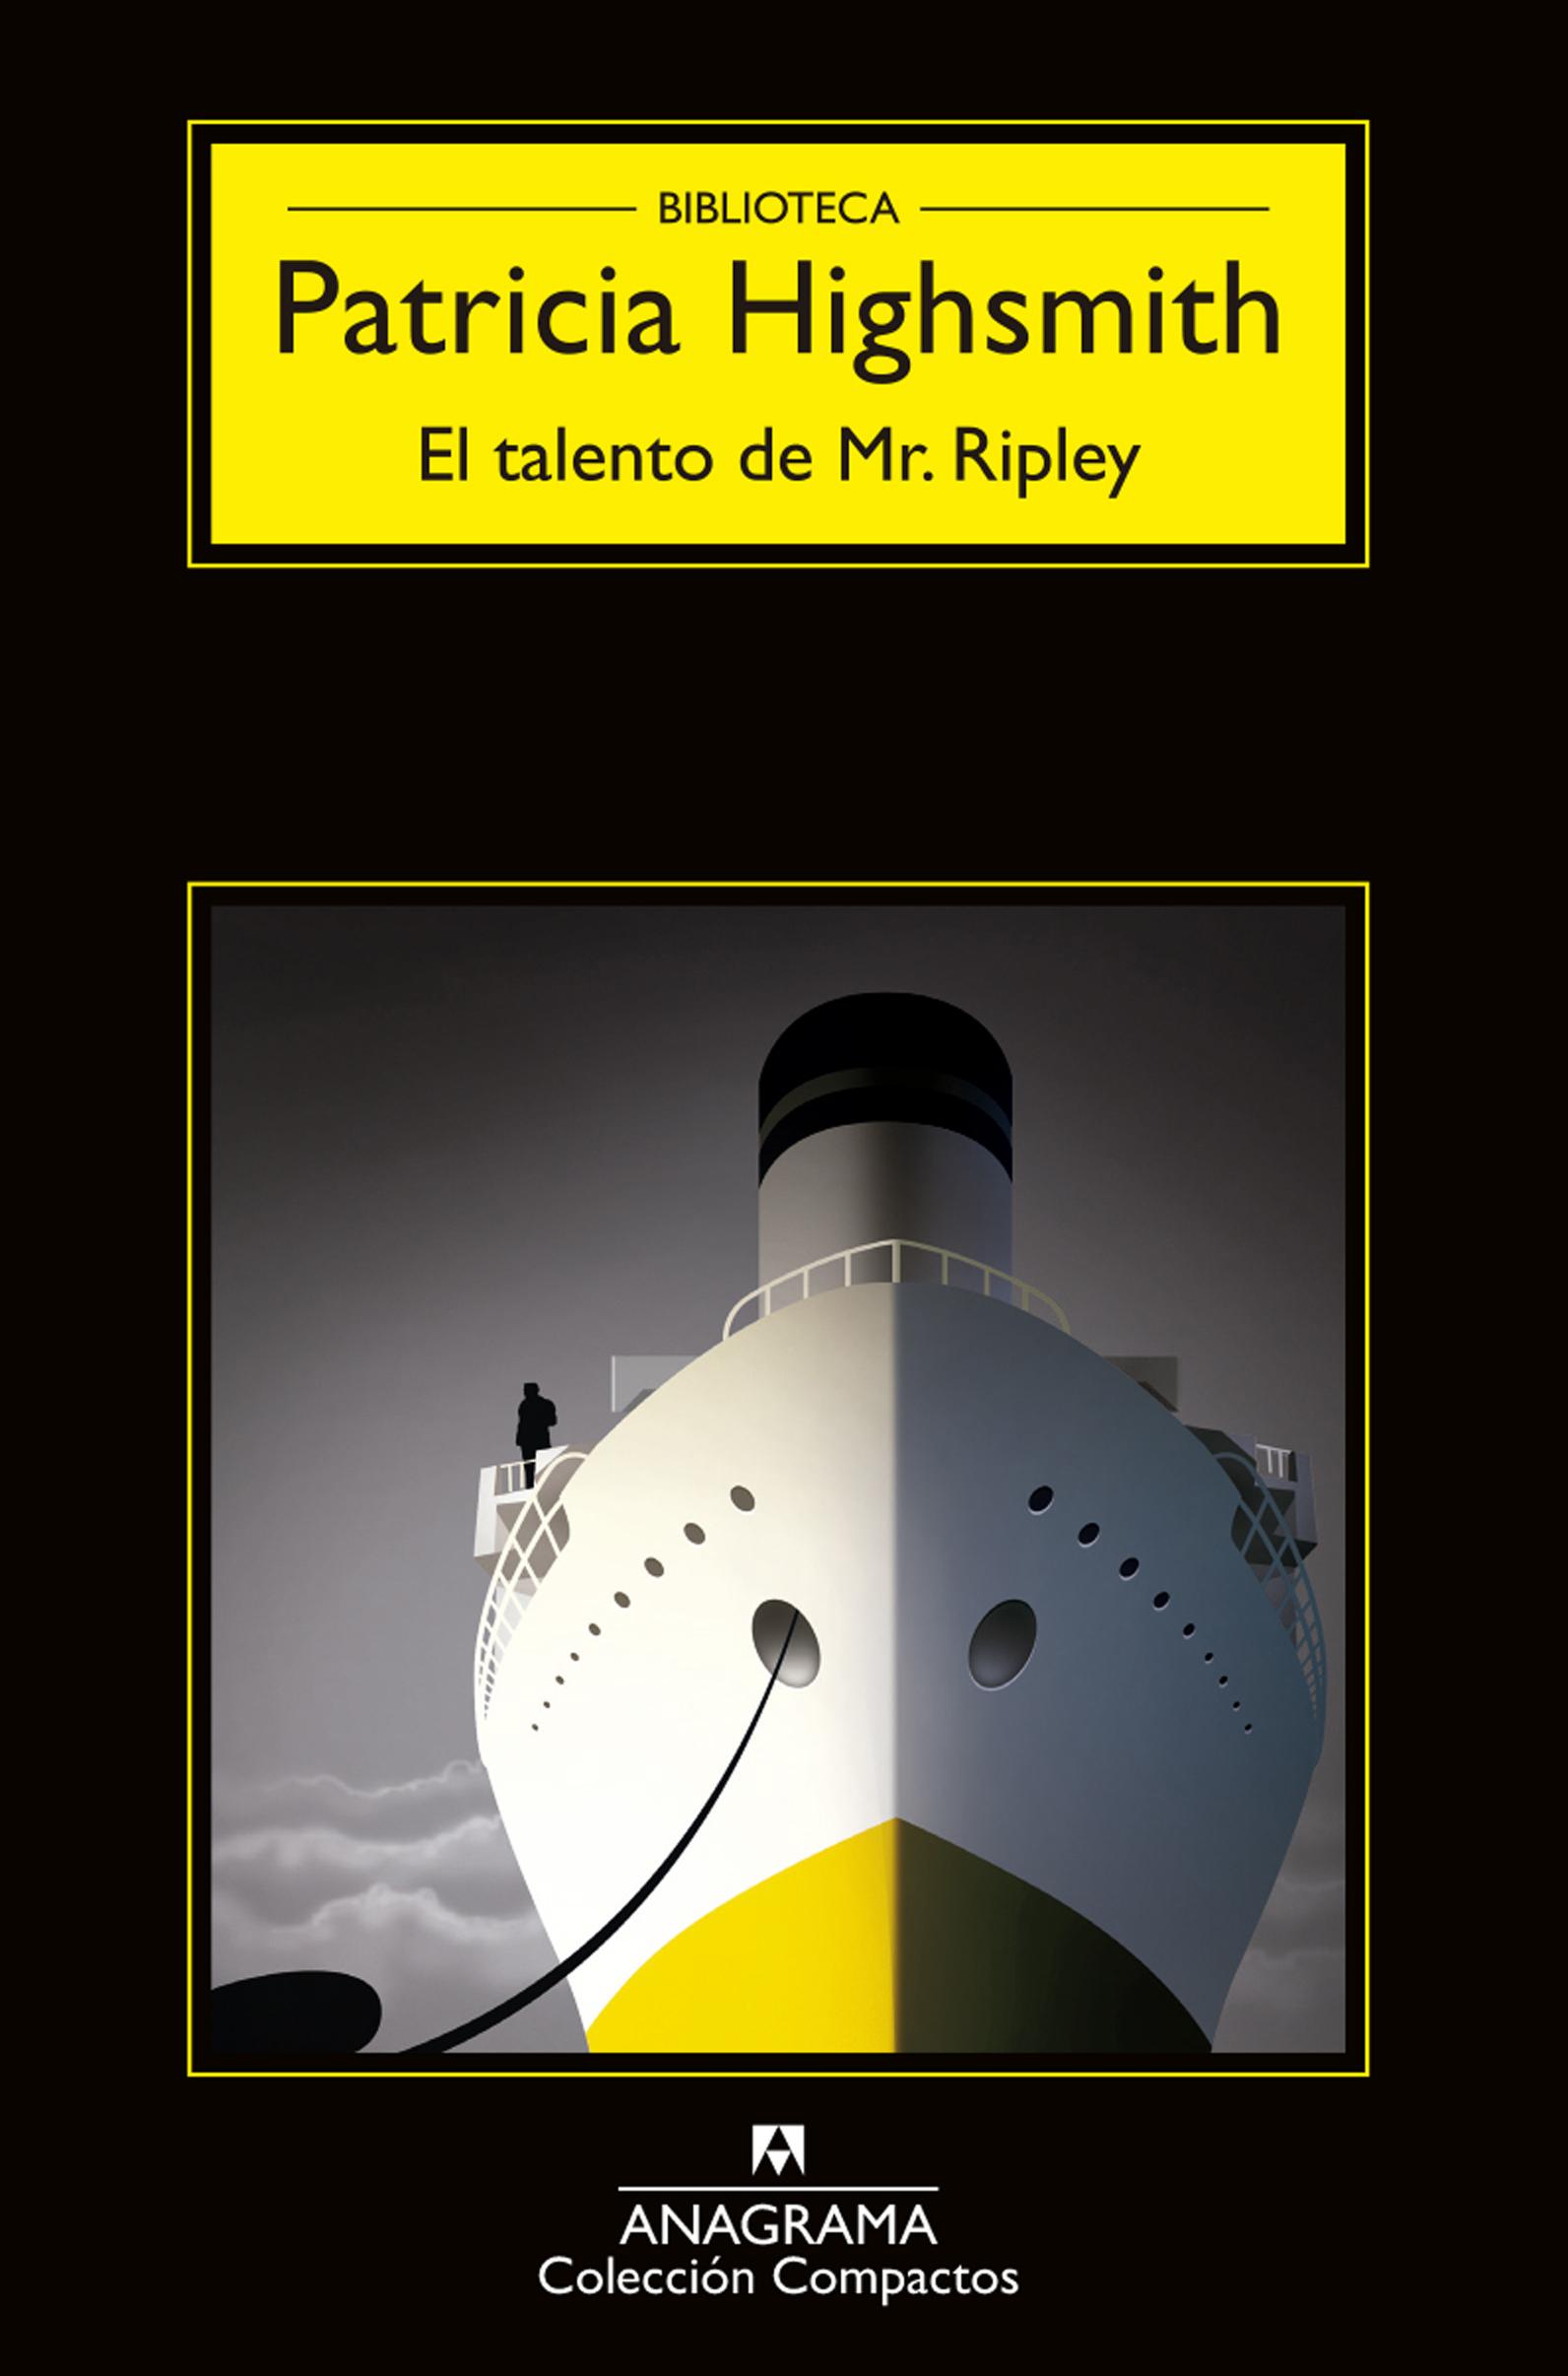 El talento de Mr. Ripley, de Patricia Highsmith